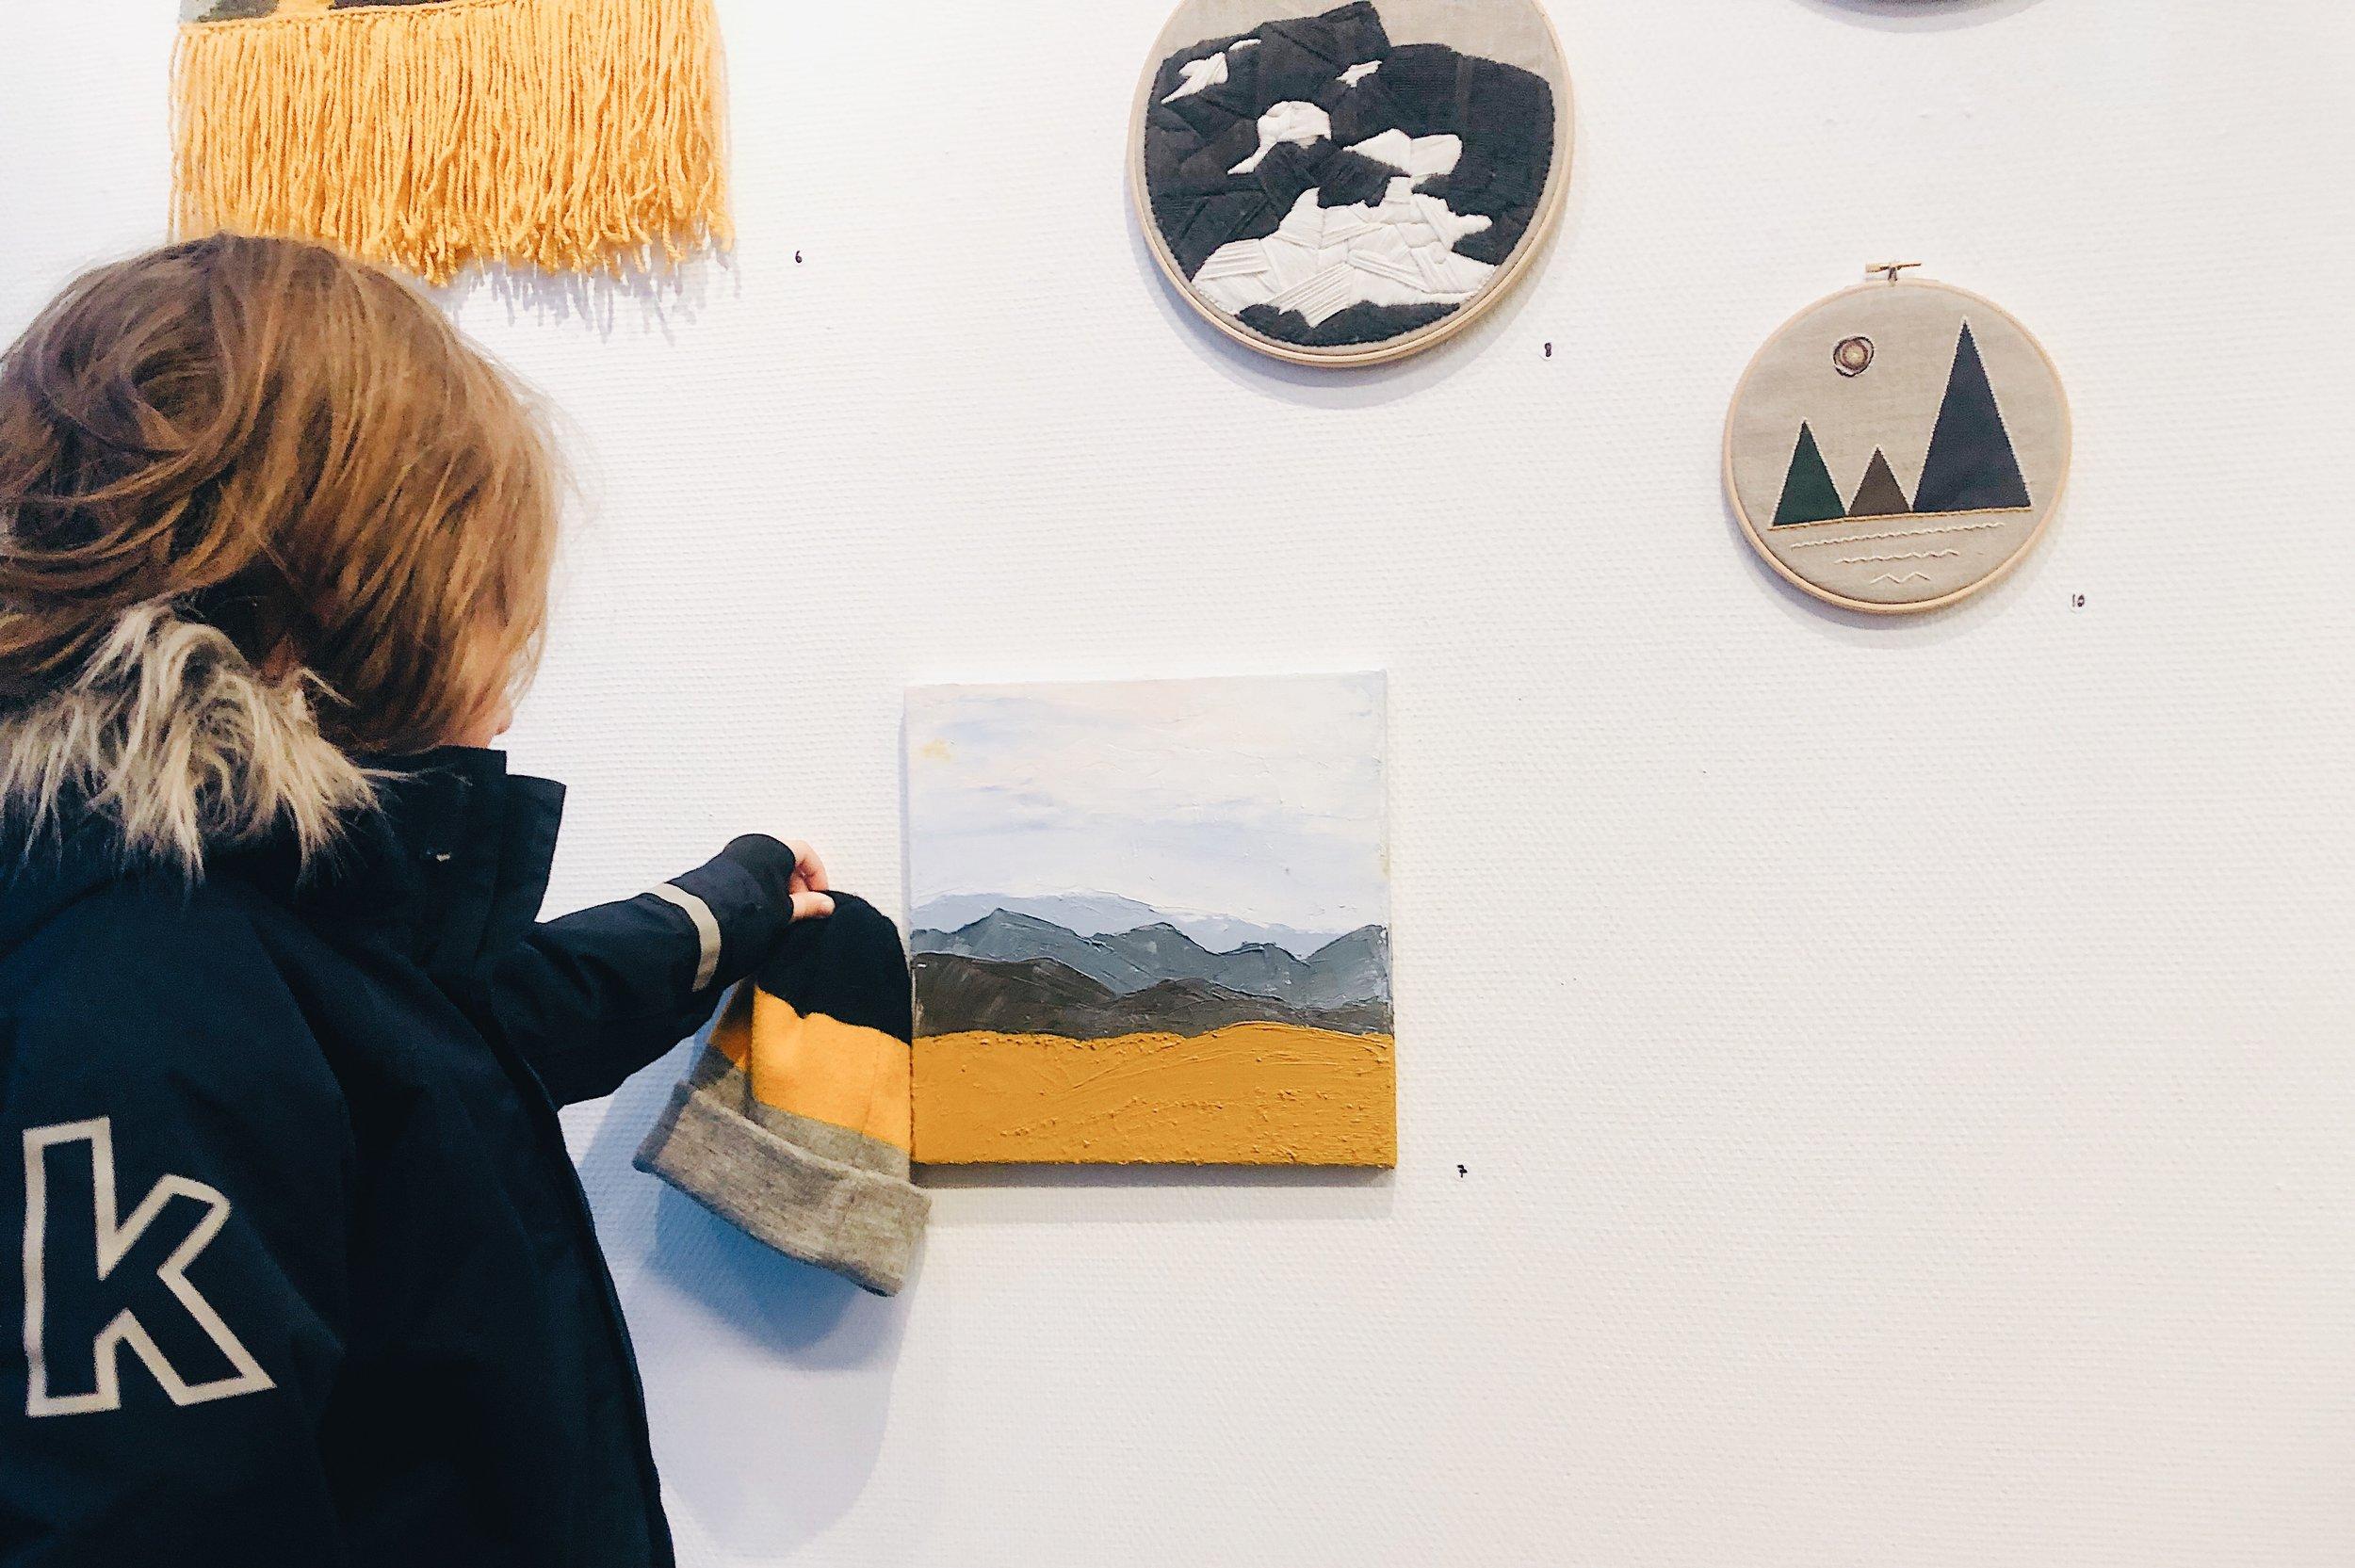 Wilton menar att hans ullmössa inspirerat till min oljemålning. Han önskar också få låna pengar av mig för att kunna köpa tavlan av mig.